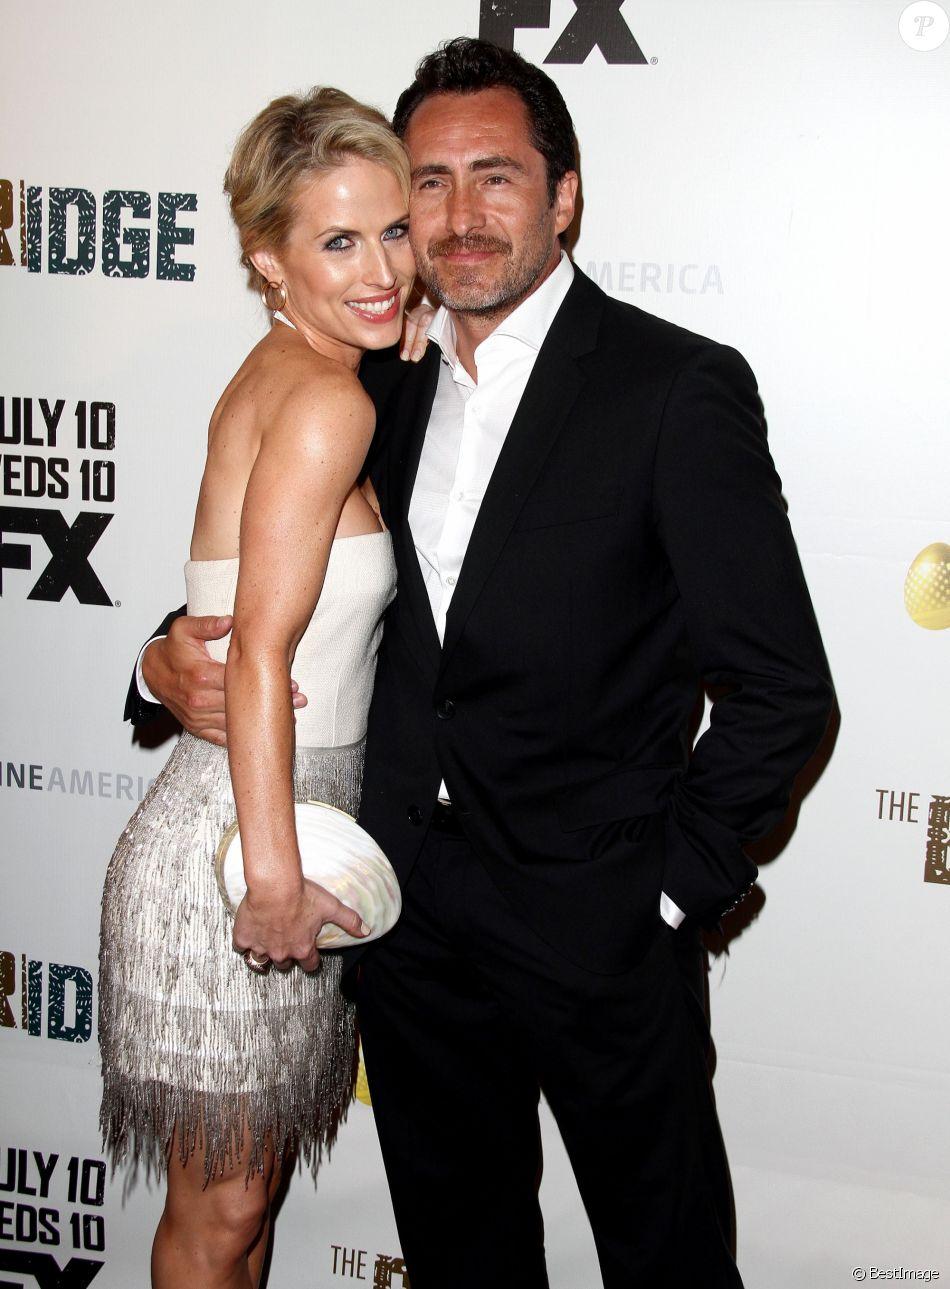 Stefanie Sherk et Demian Bichir à Los Angeles le 8 juillet 2013 lors de la première de la série The Bridge.